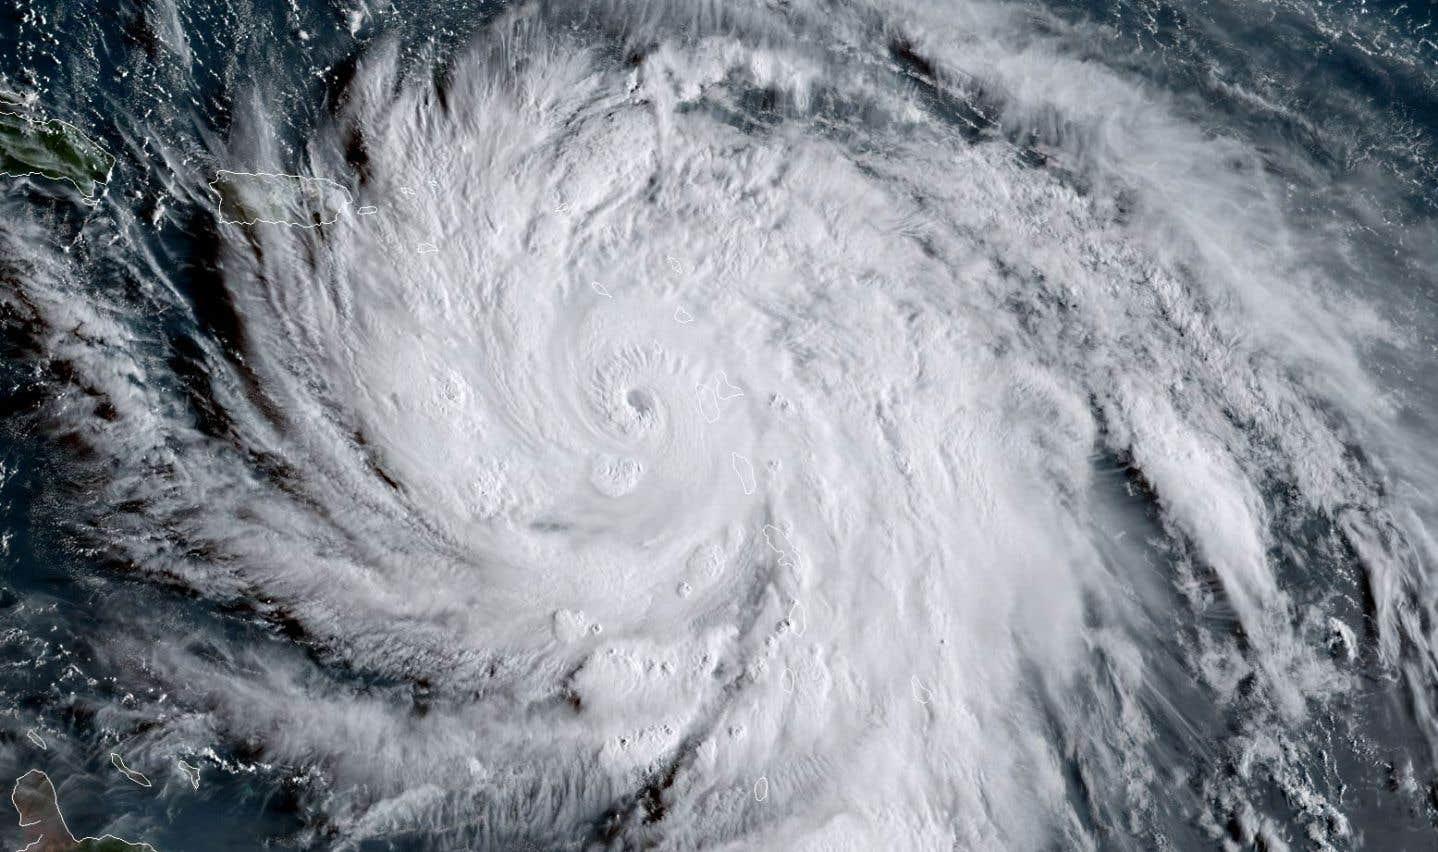 Selon le Centre national des ouragans, la tempête «extrêmement dangereuse» restera de catégorie 4 ou 5 pendant les prochains jours.